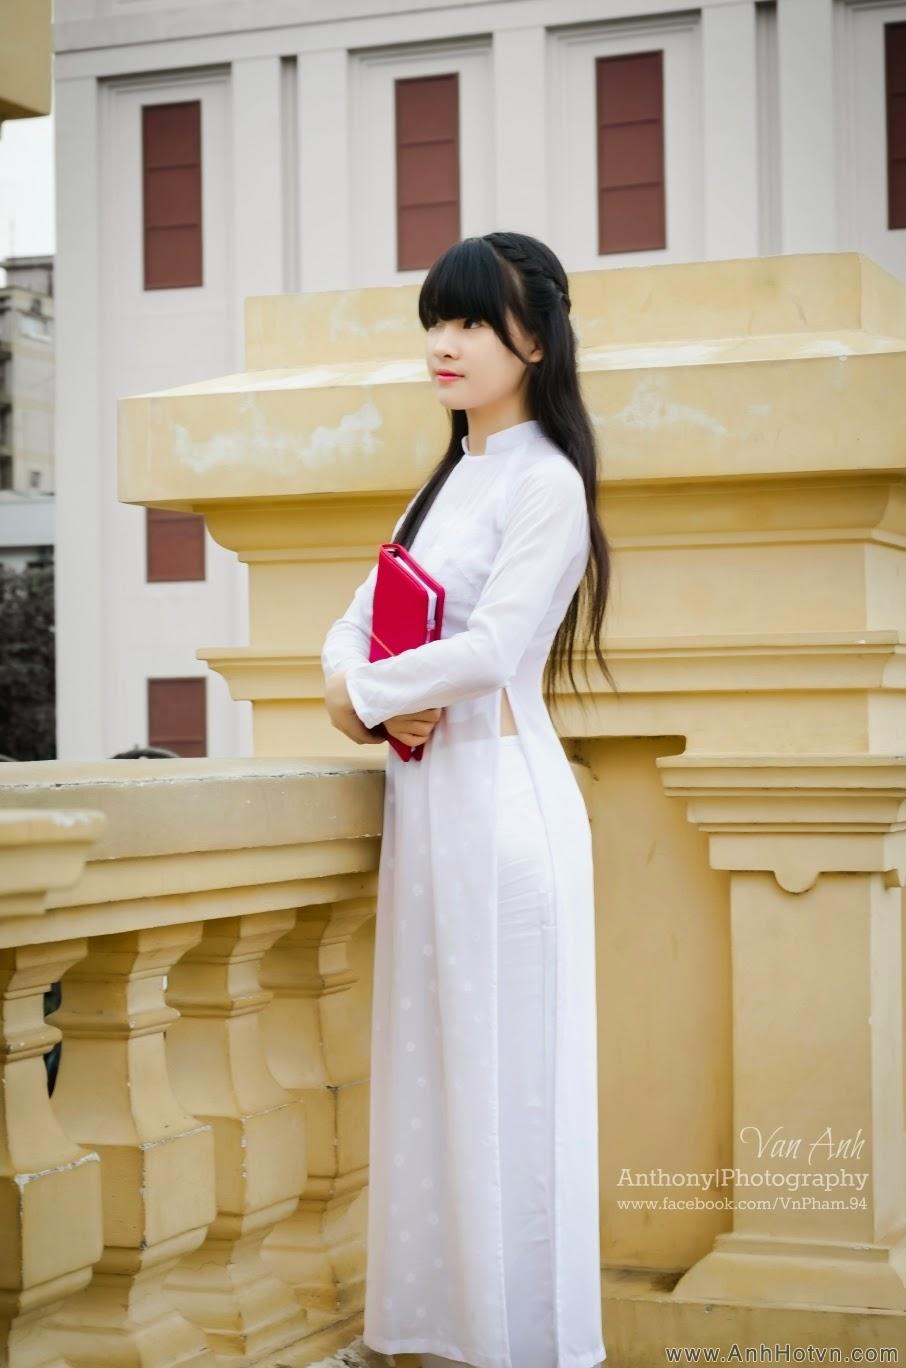 Phạm Quỳnh Vân Anh - Nữ sinh